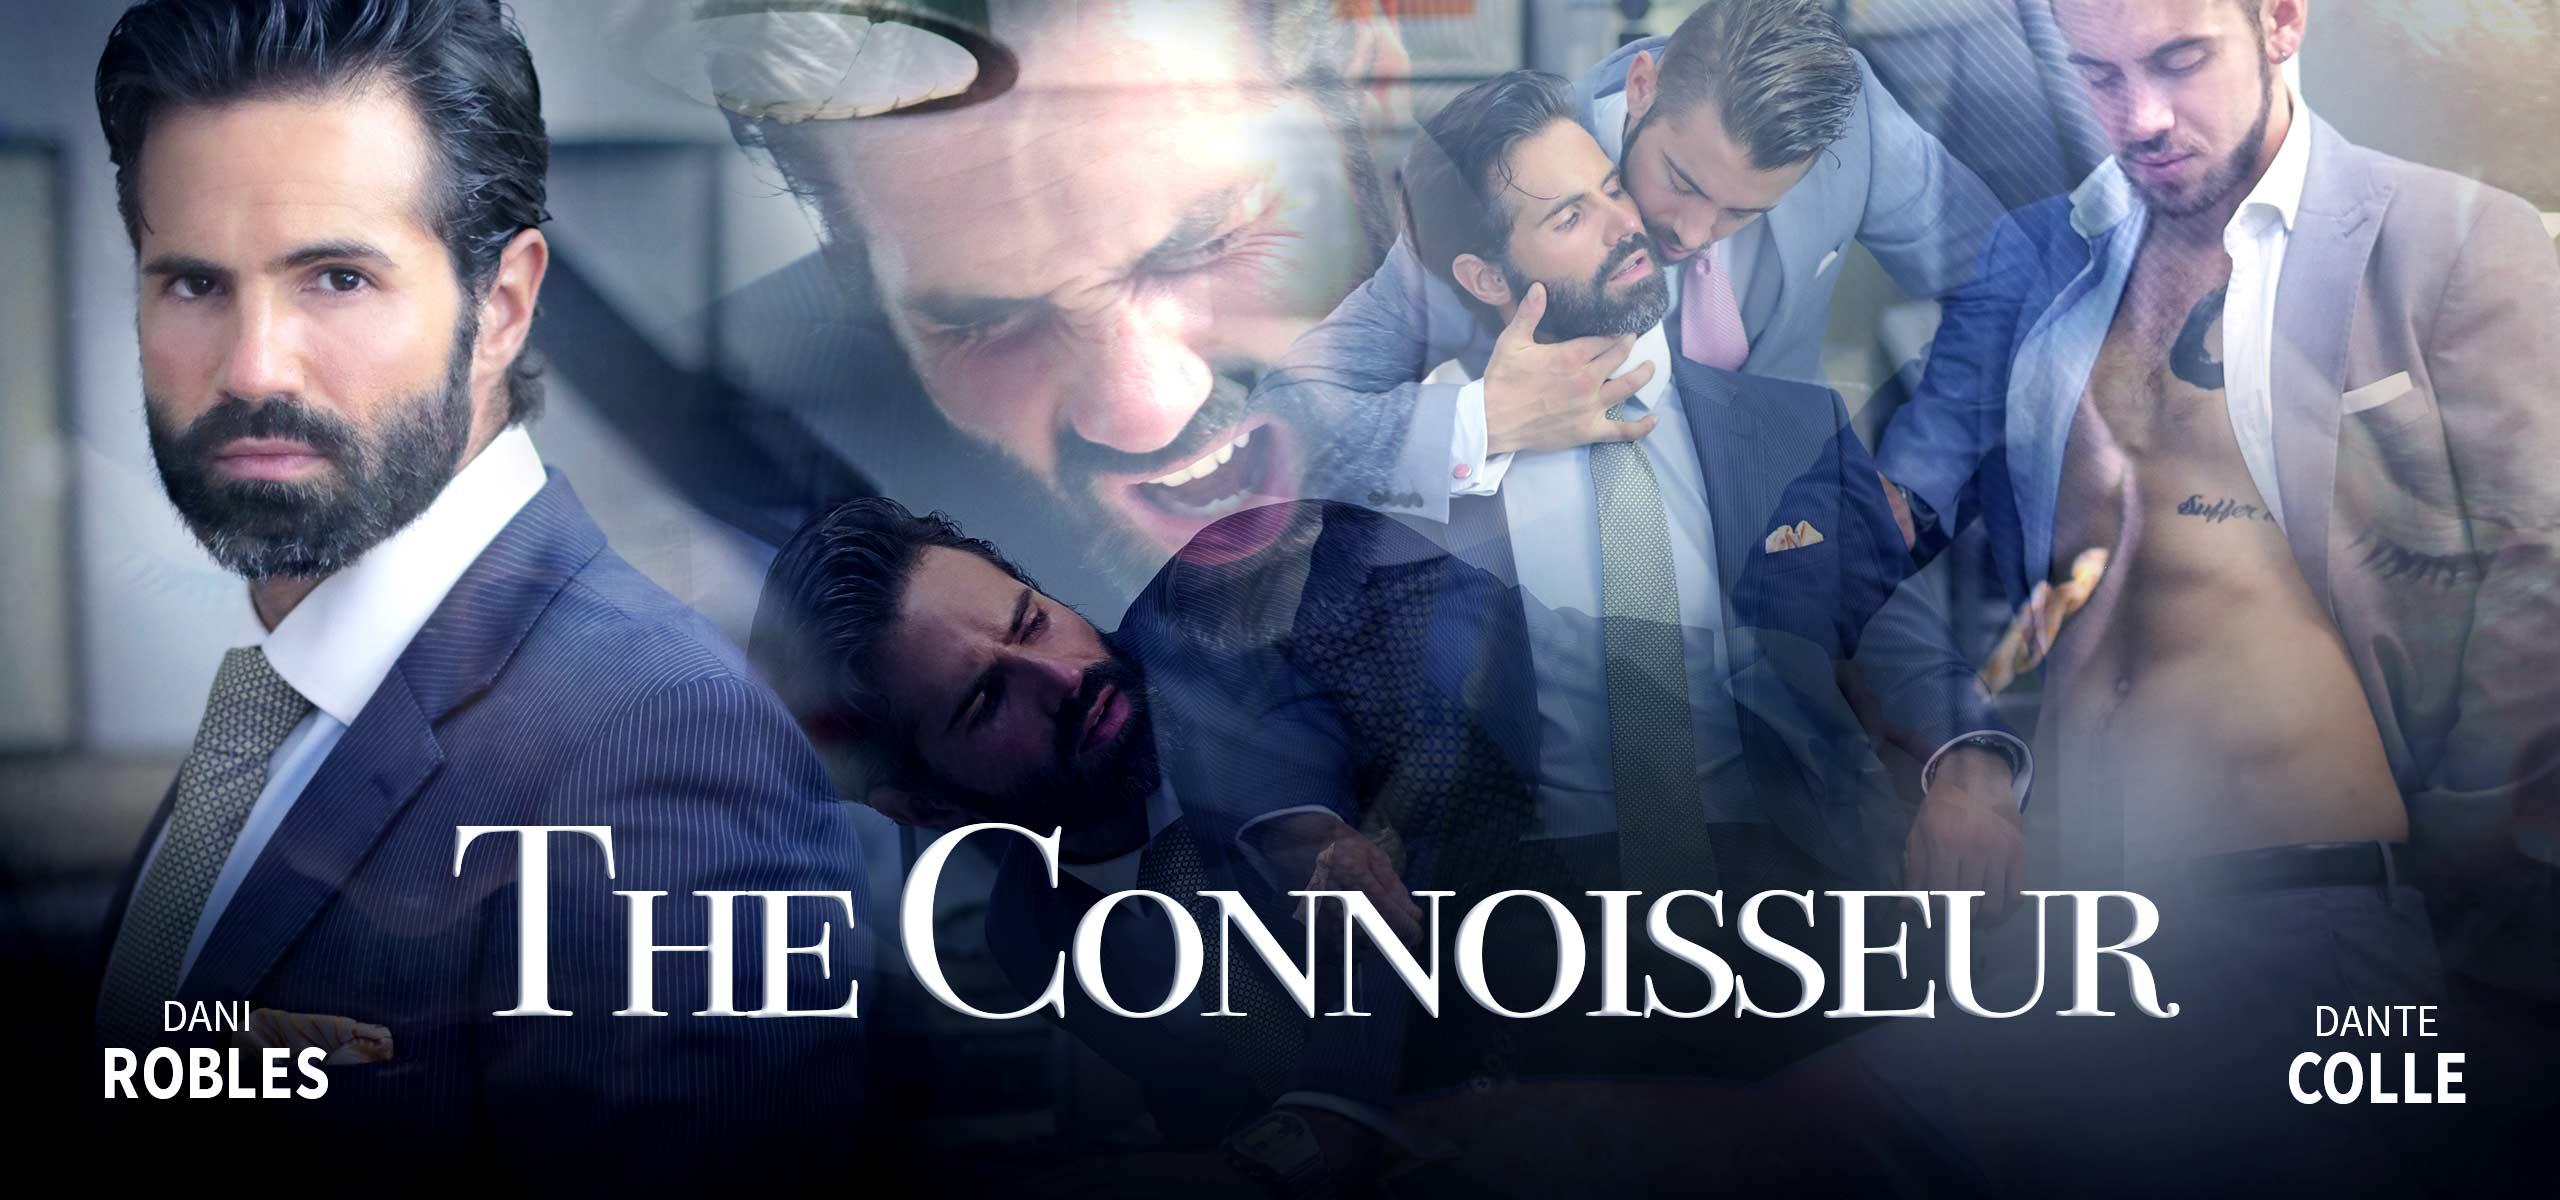 The Connoiseur